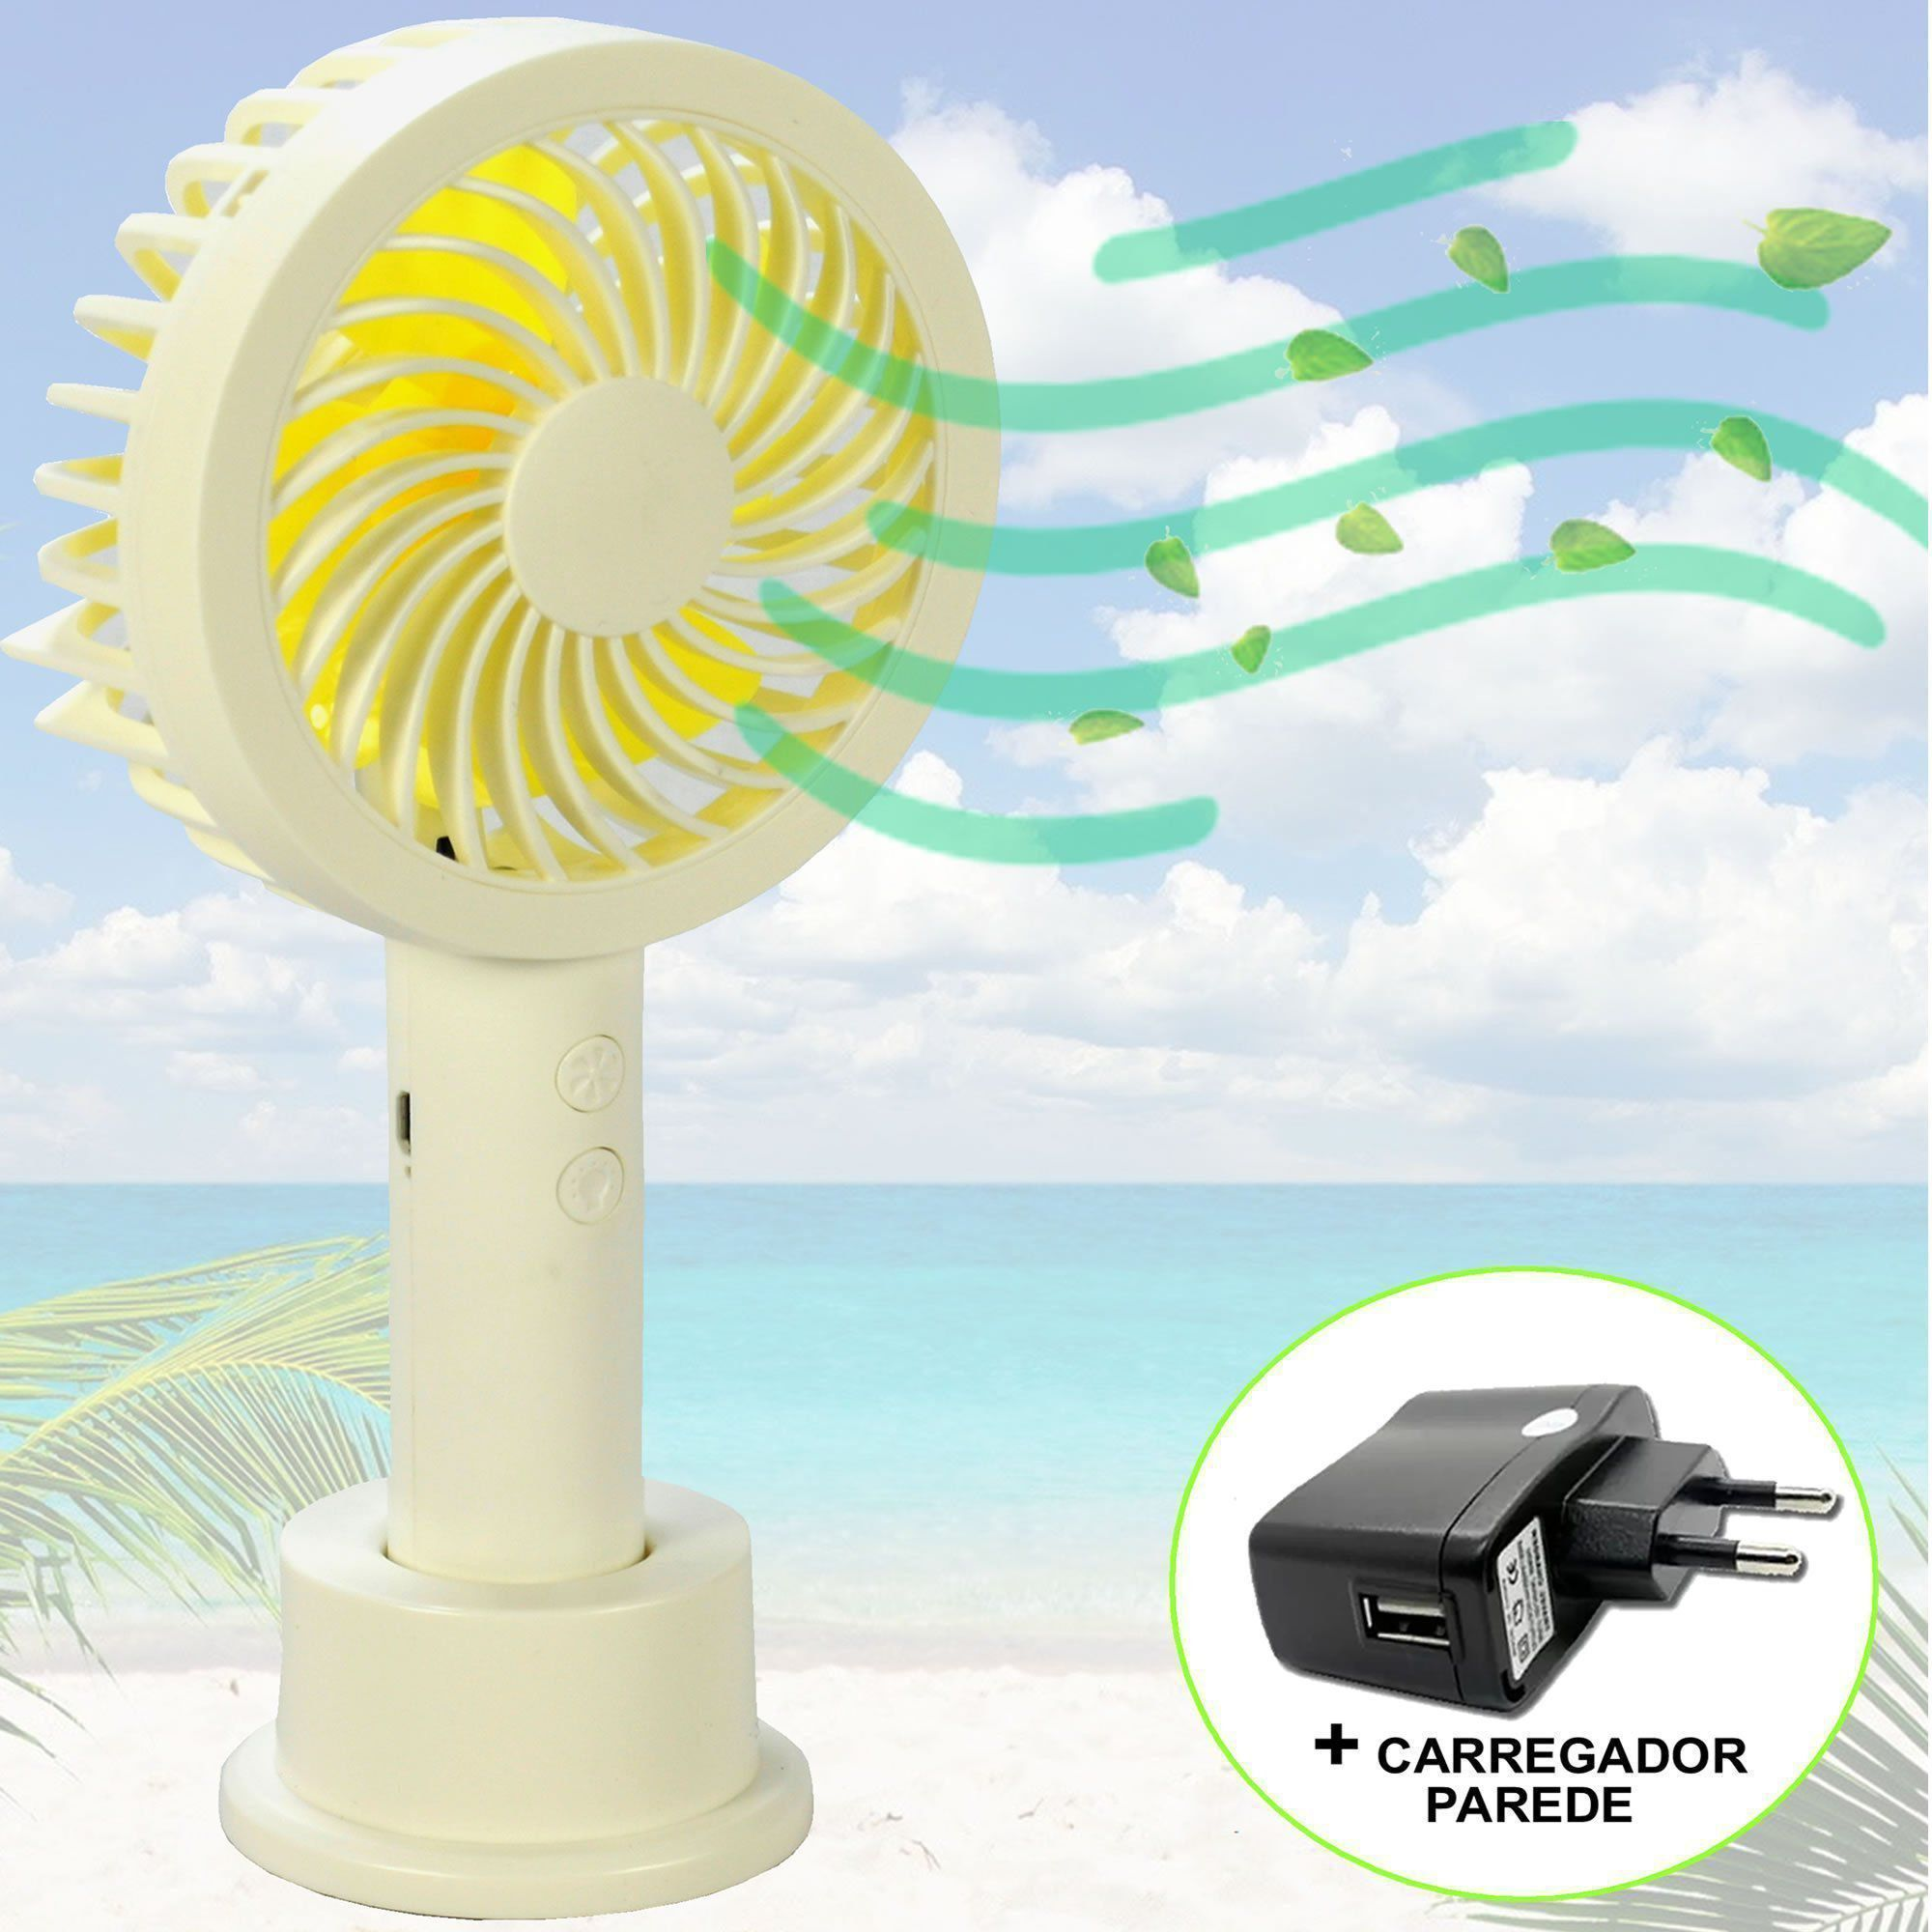 Mini Ventilador Portátil Recarregável + adaptador Amarelo CBRN07271